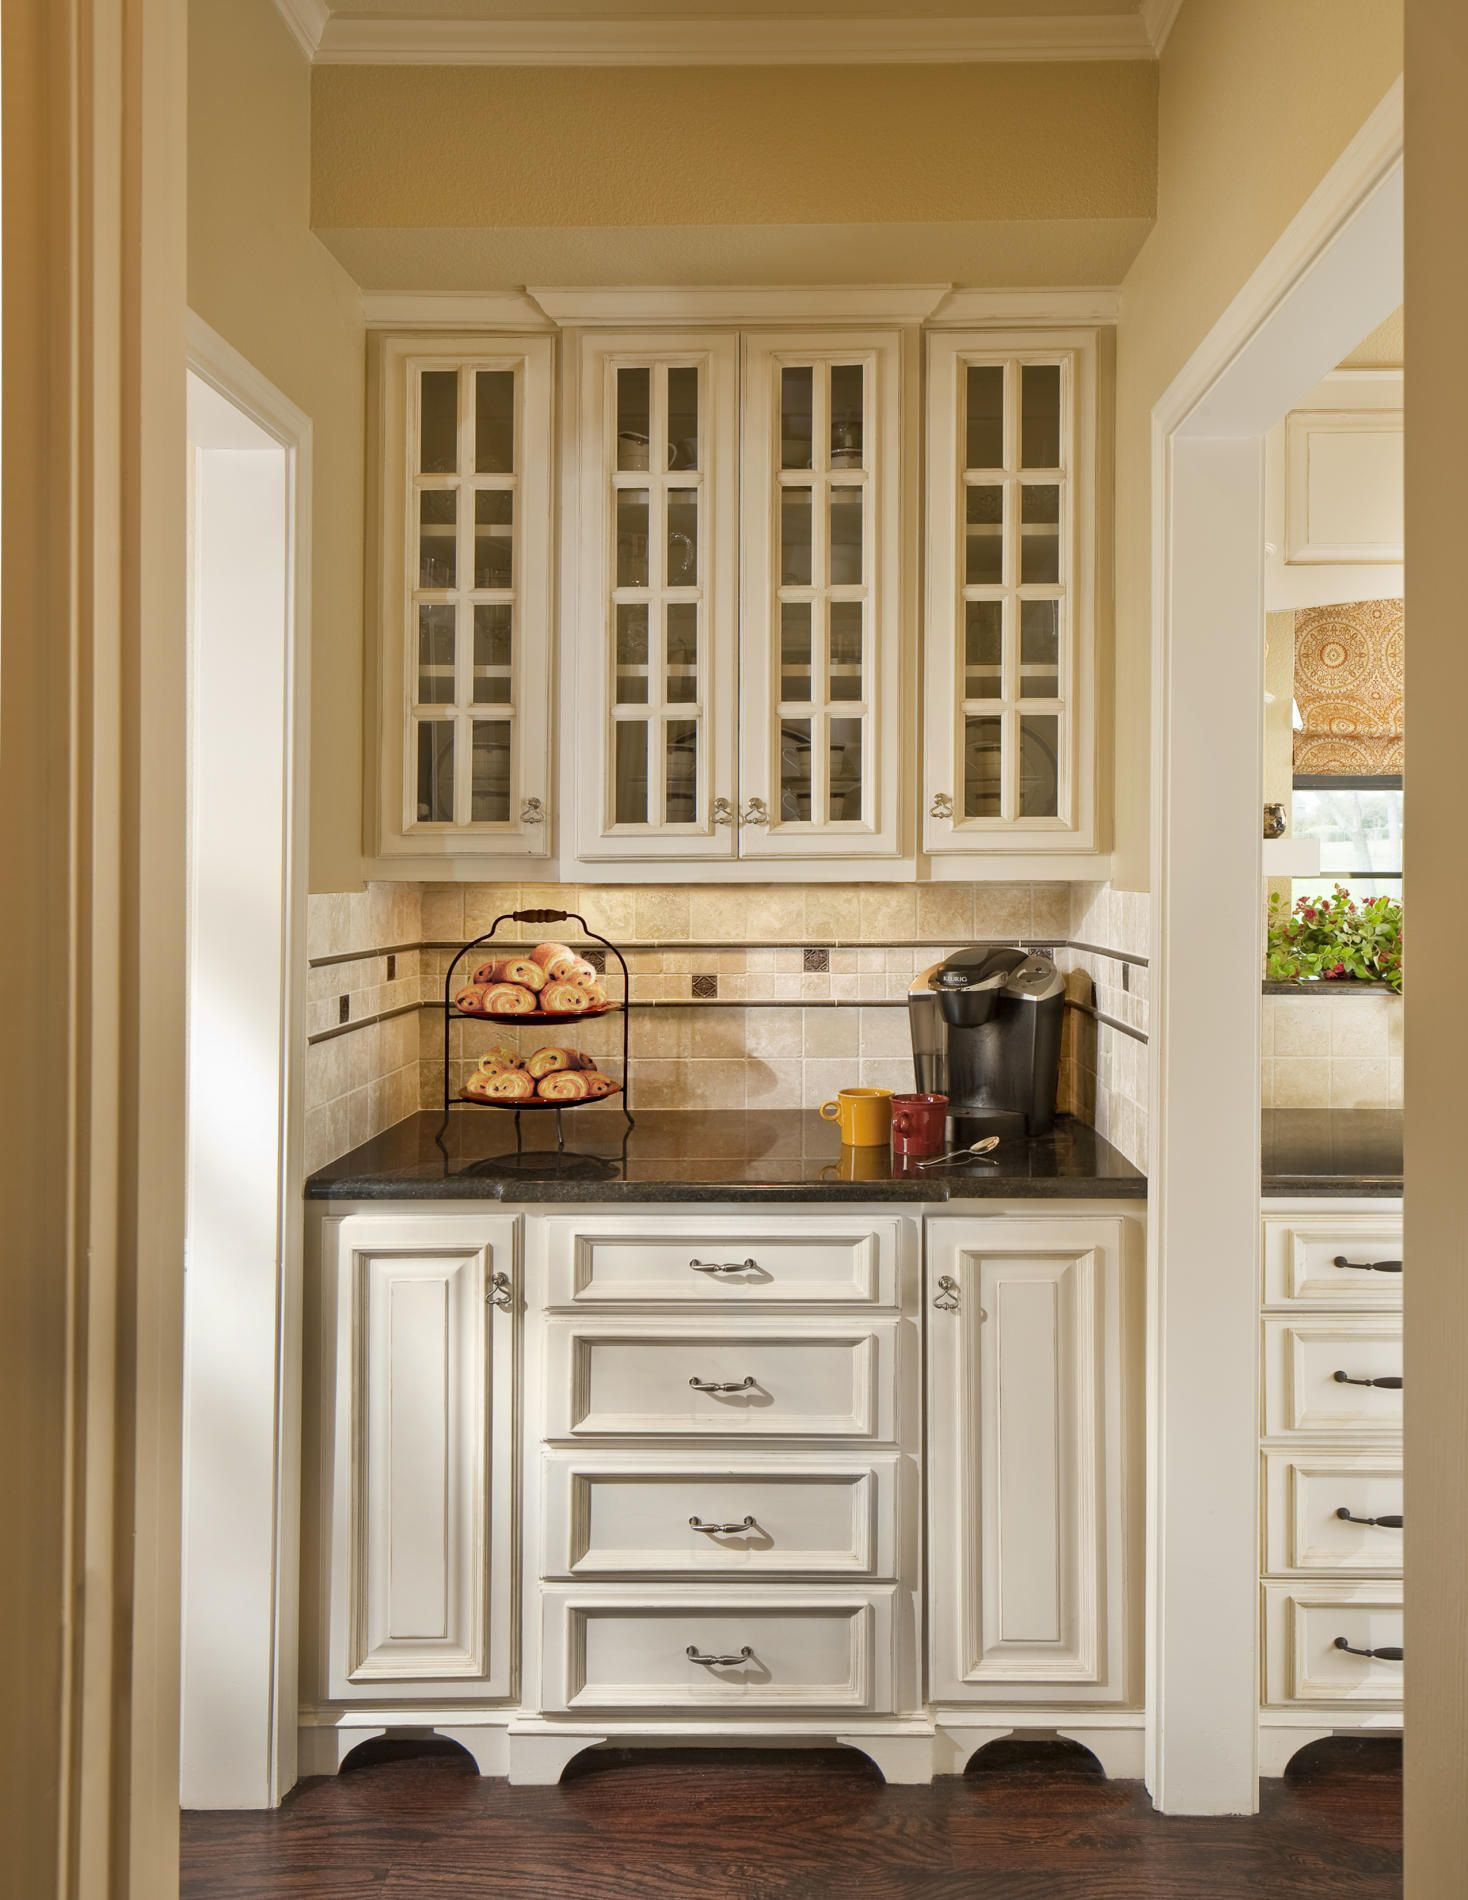 30 Inch Corner Base Kitchen Cabinet 2021 Kitchen Pantry Storage Cabinet Pantry Design Kitchen Design Decor